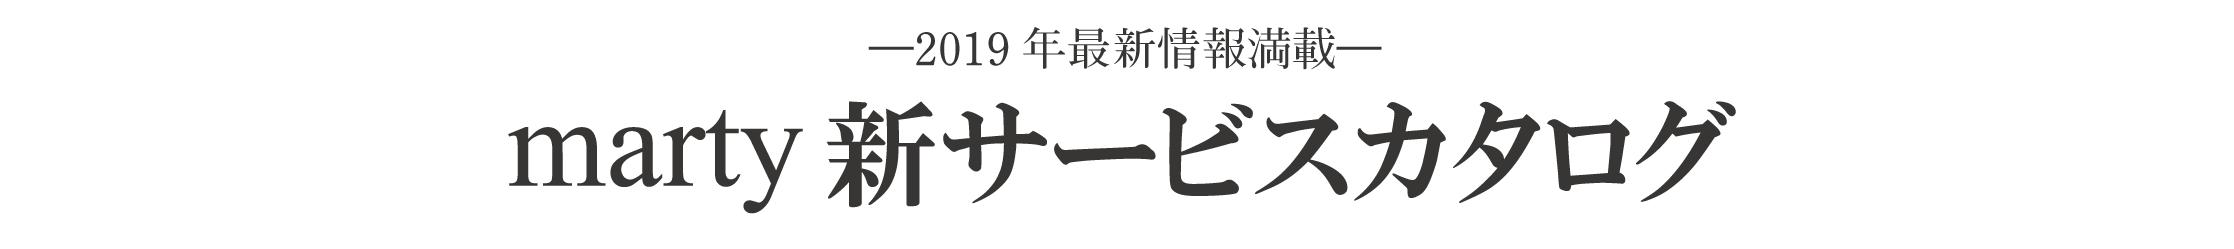 マーティ新サービスカタログタイトル